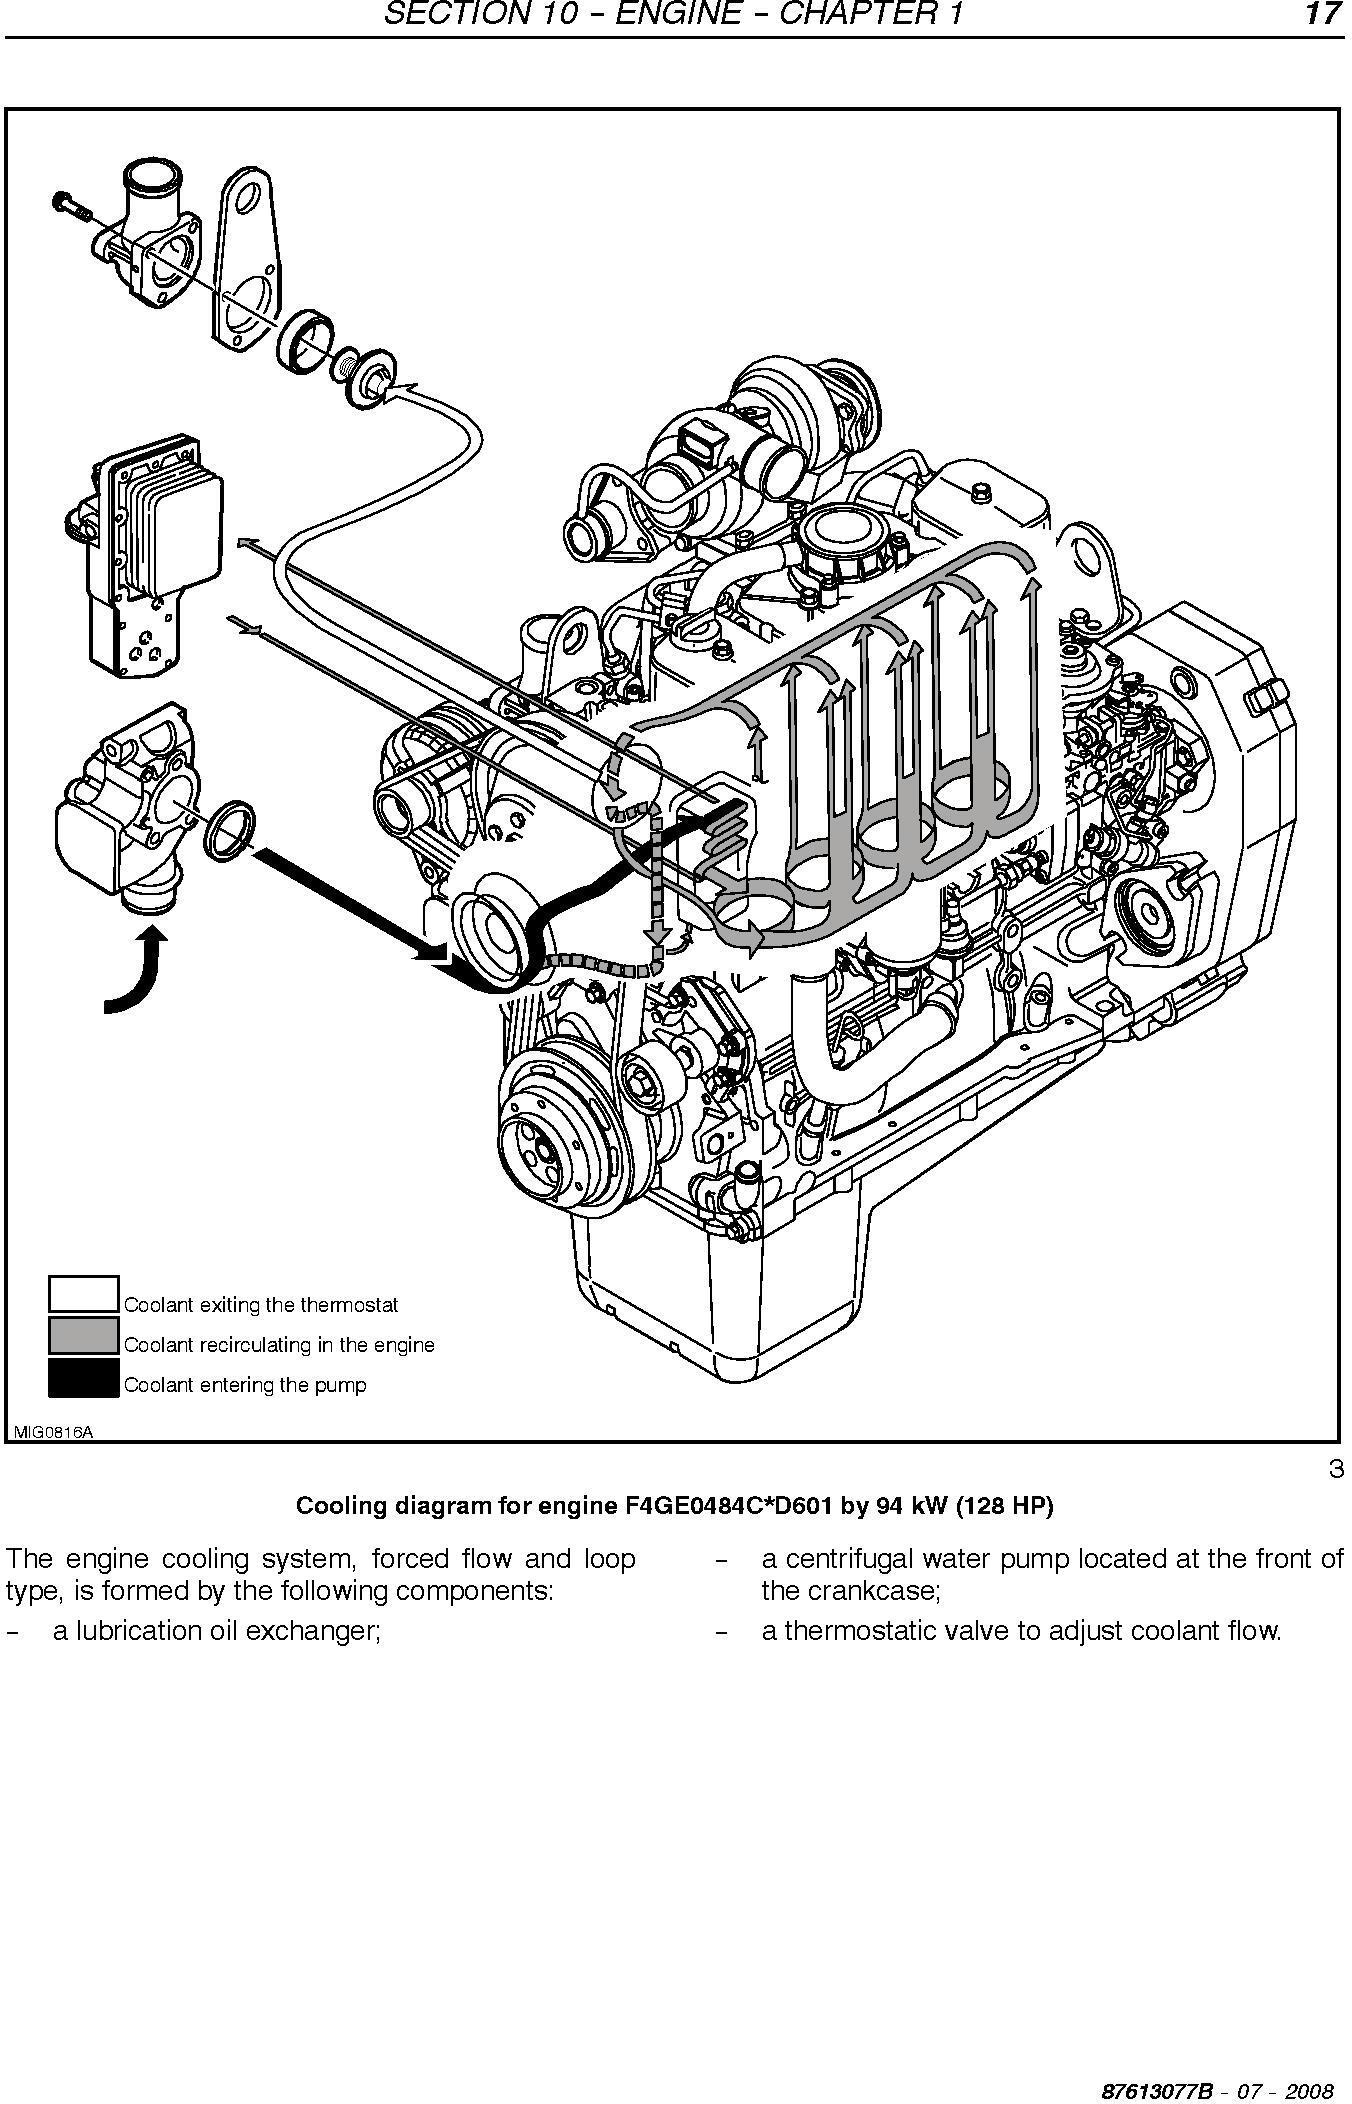 New Holland VL5060, VL5070, VL5080, VM3080 Grape Harvester Service Manual - 3